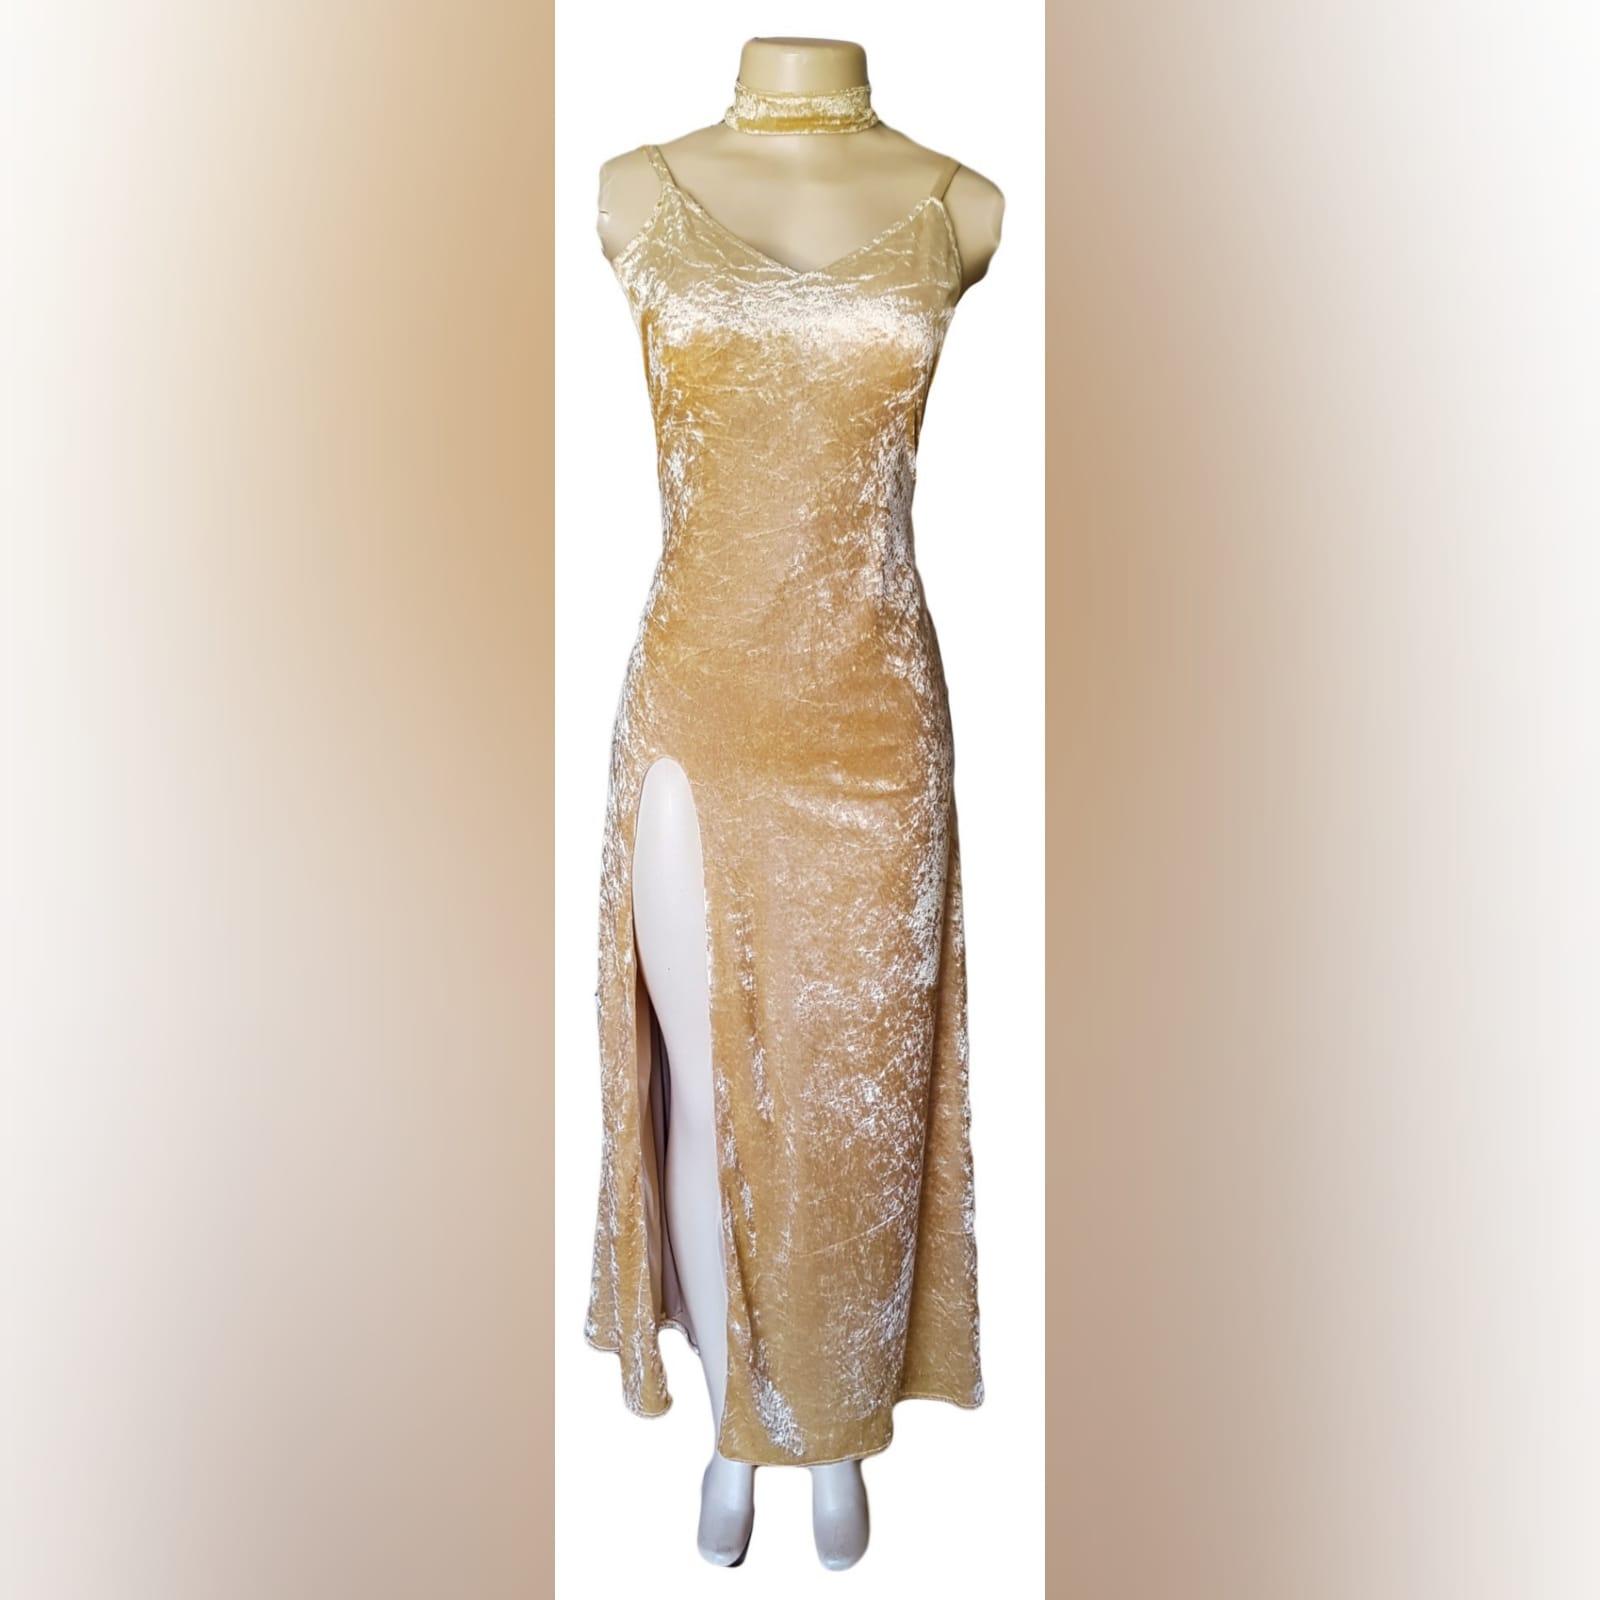 Vestido cerimonia champagne de veludo 2 vestido cerimonia champagne de veludo com decote v, costas abertas arredondadas com uma racha e gargantilha correspondente.